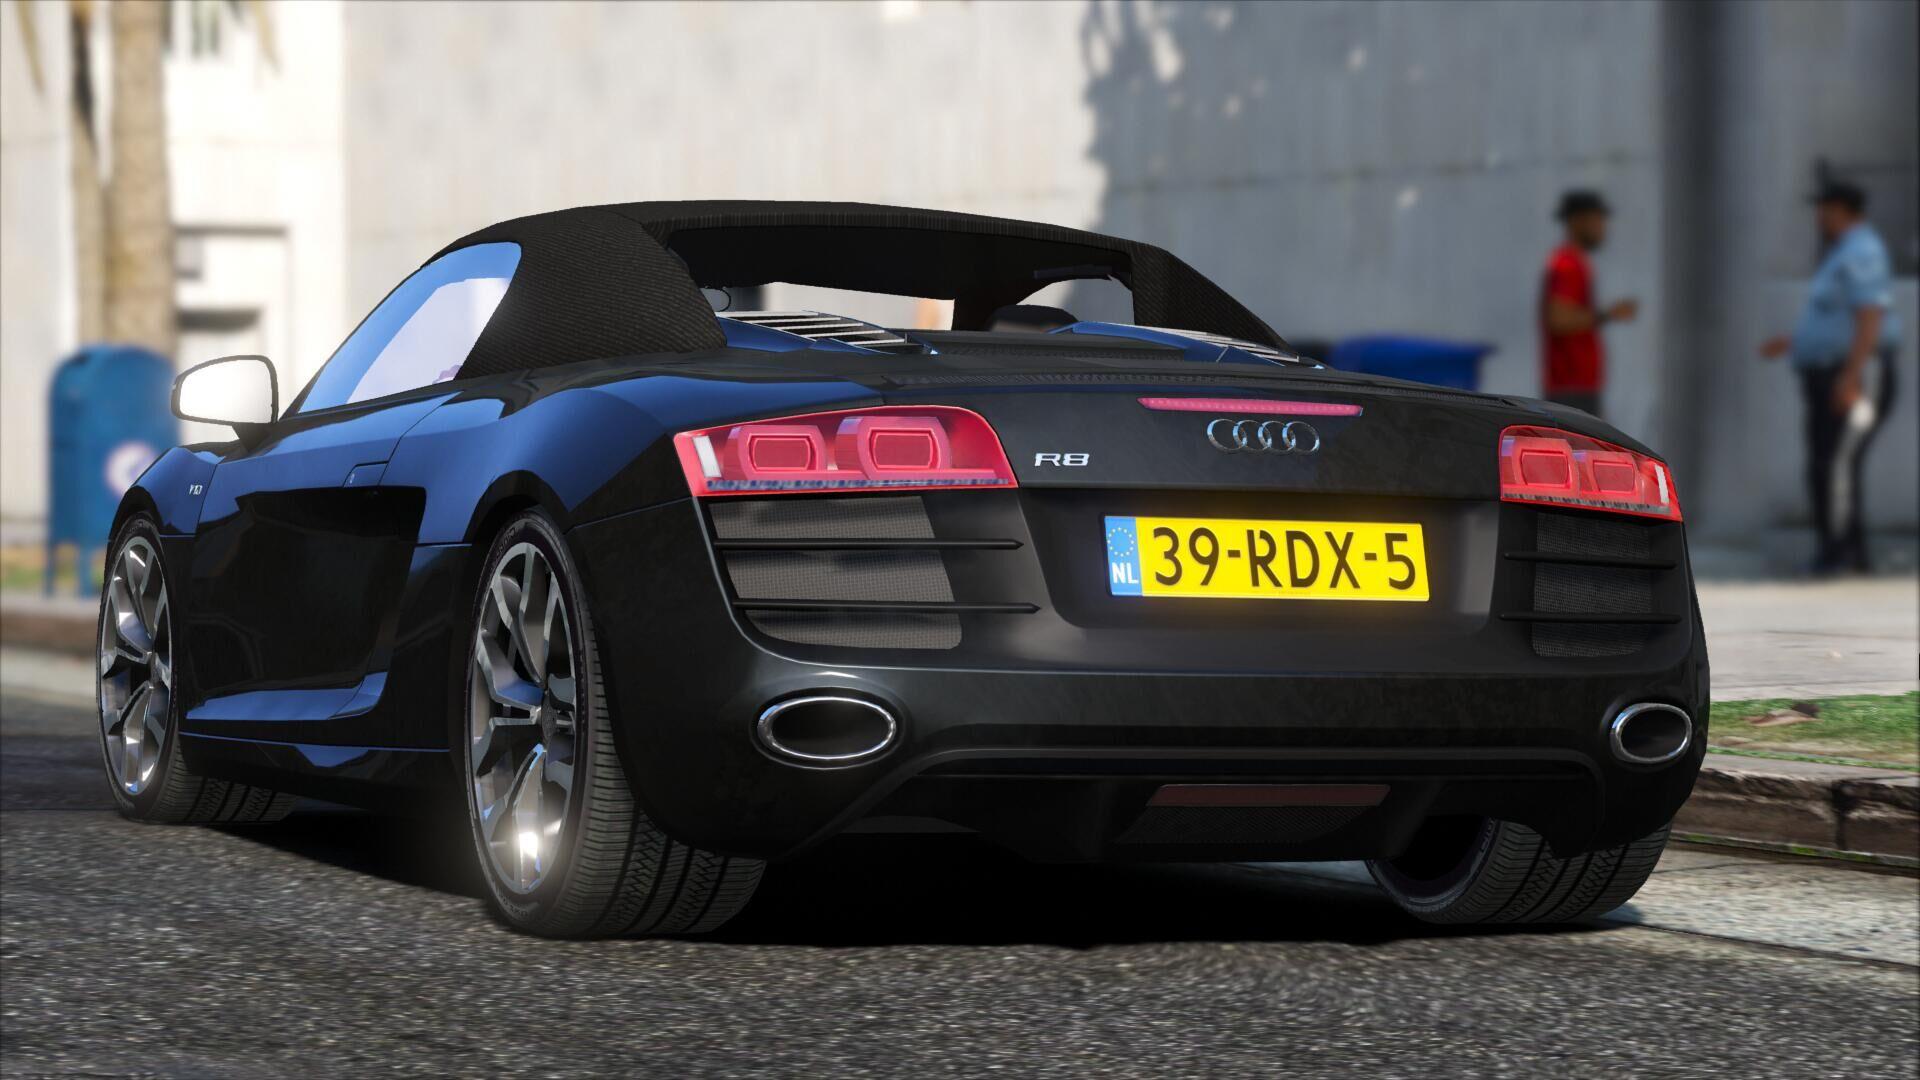 Audi R Spyder GTAModscom - Audi spyder